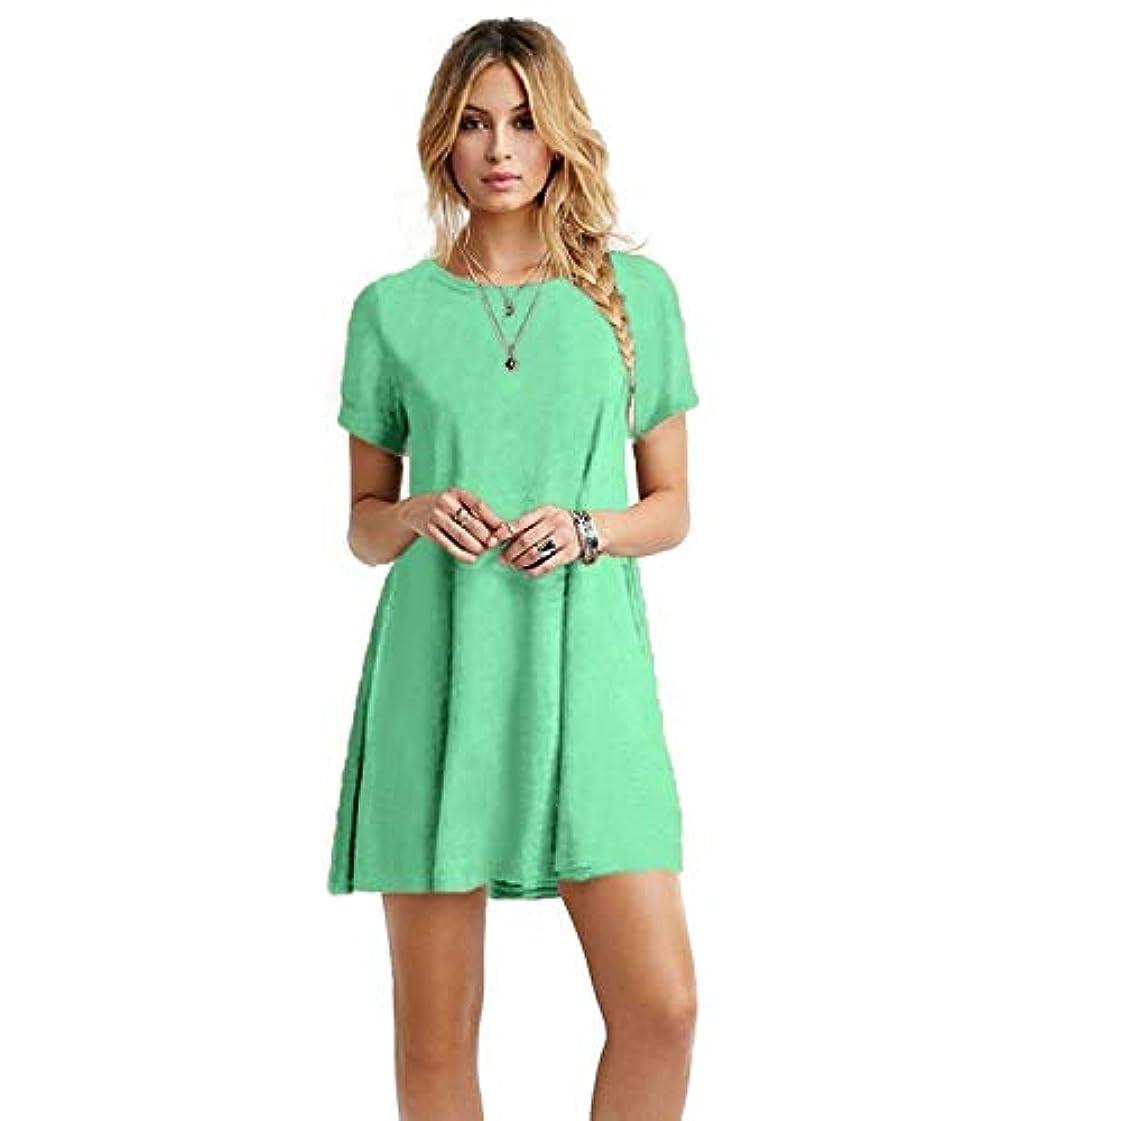 任命する仕様敵対的MIFAN女性のファッション、カジュアル、ドレス、シャツ、コットン、半袖、無地、ミニ、ビーチドレス、プラスサイズのドレス